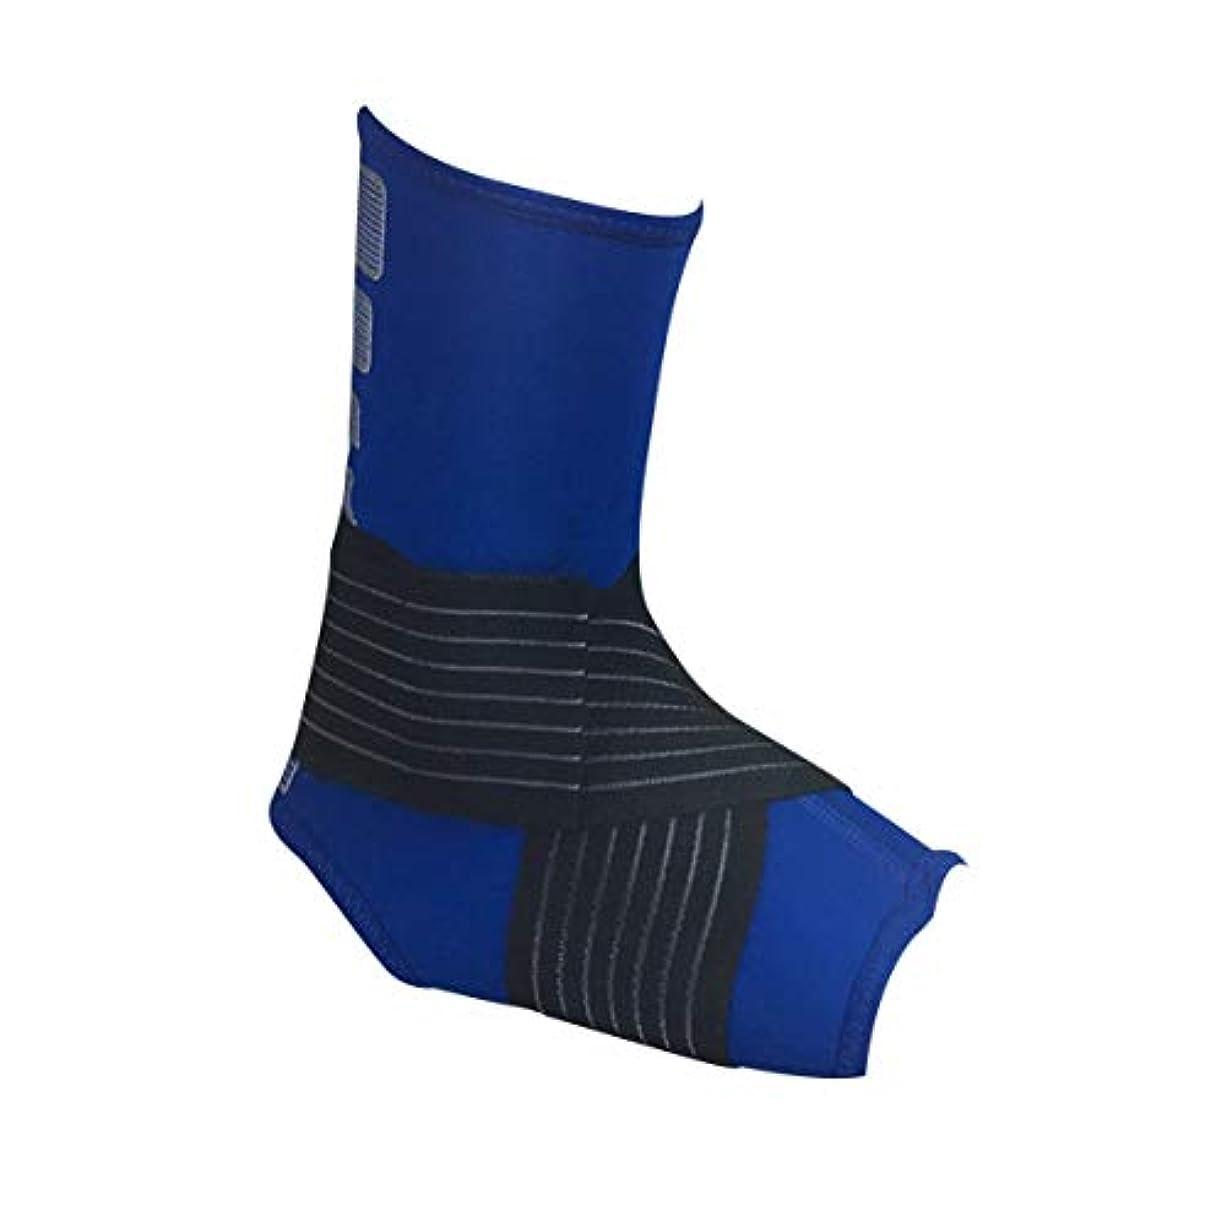 マーティンルーサーキングジュニア密度昇る足首フットパッド包帯ブレースサポート保護足首ガードパッド快適な足首袖ランニングフィットネスサイクリング